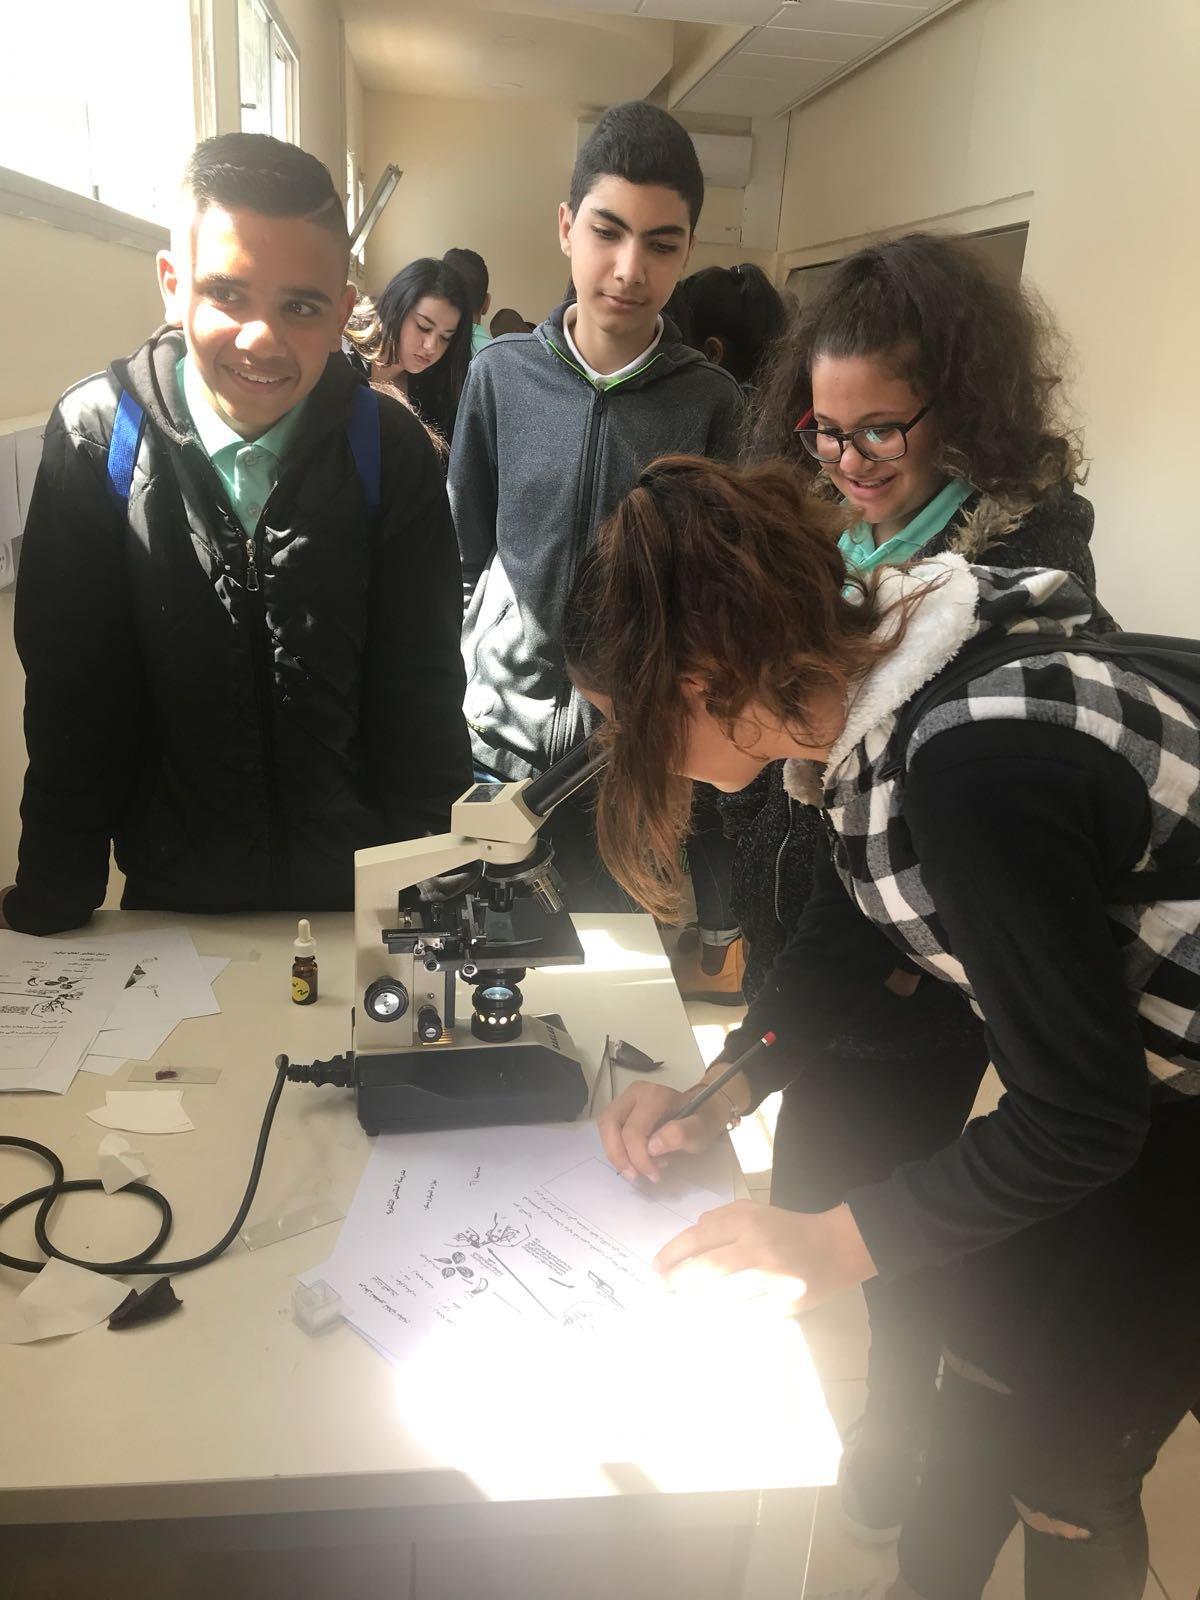 الصفّ العلميّ المتميّز في مدرسة المتنبّي حيفا يحتفي برمضان